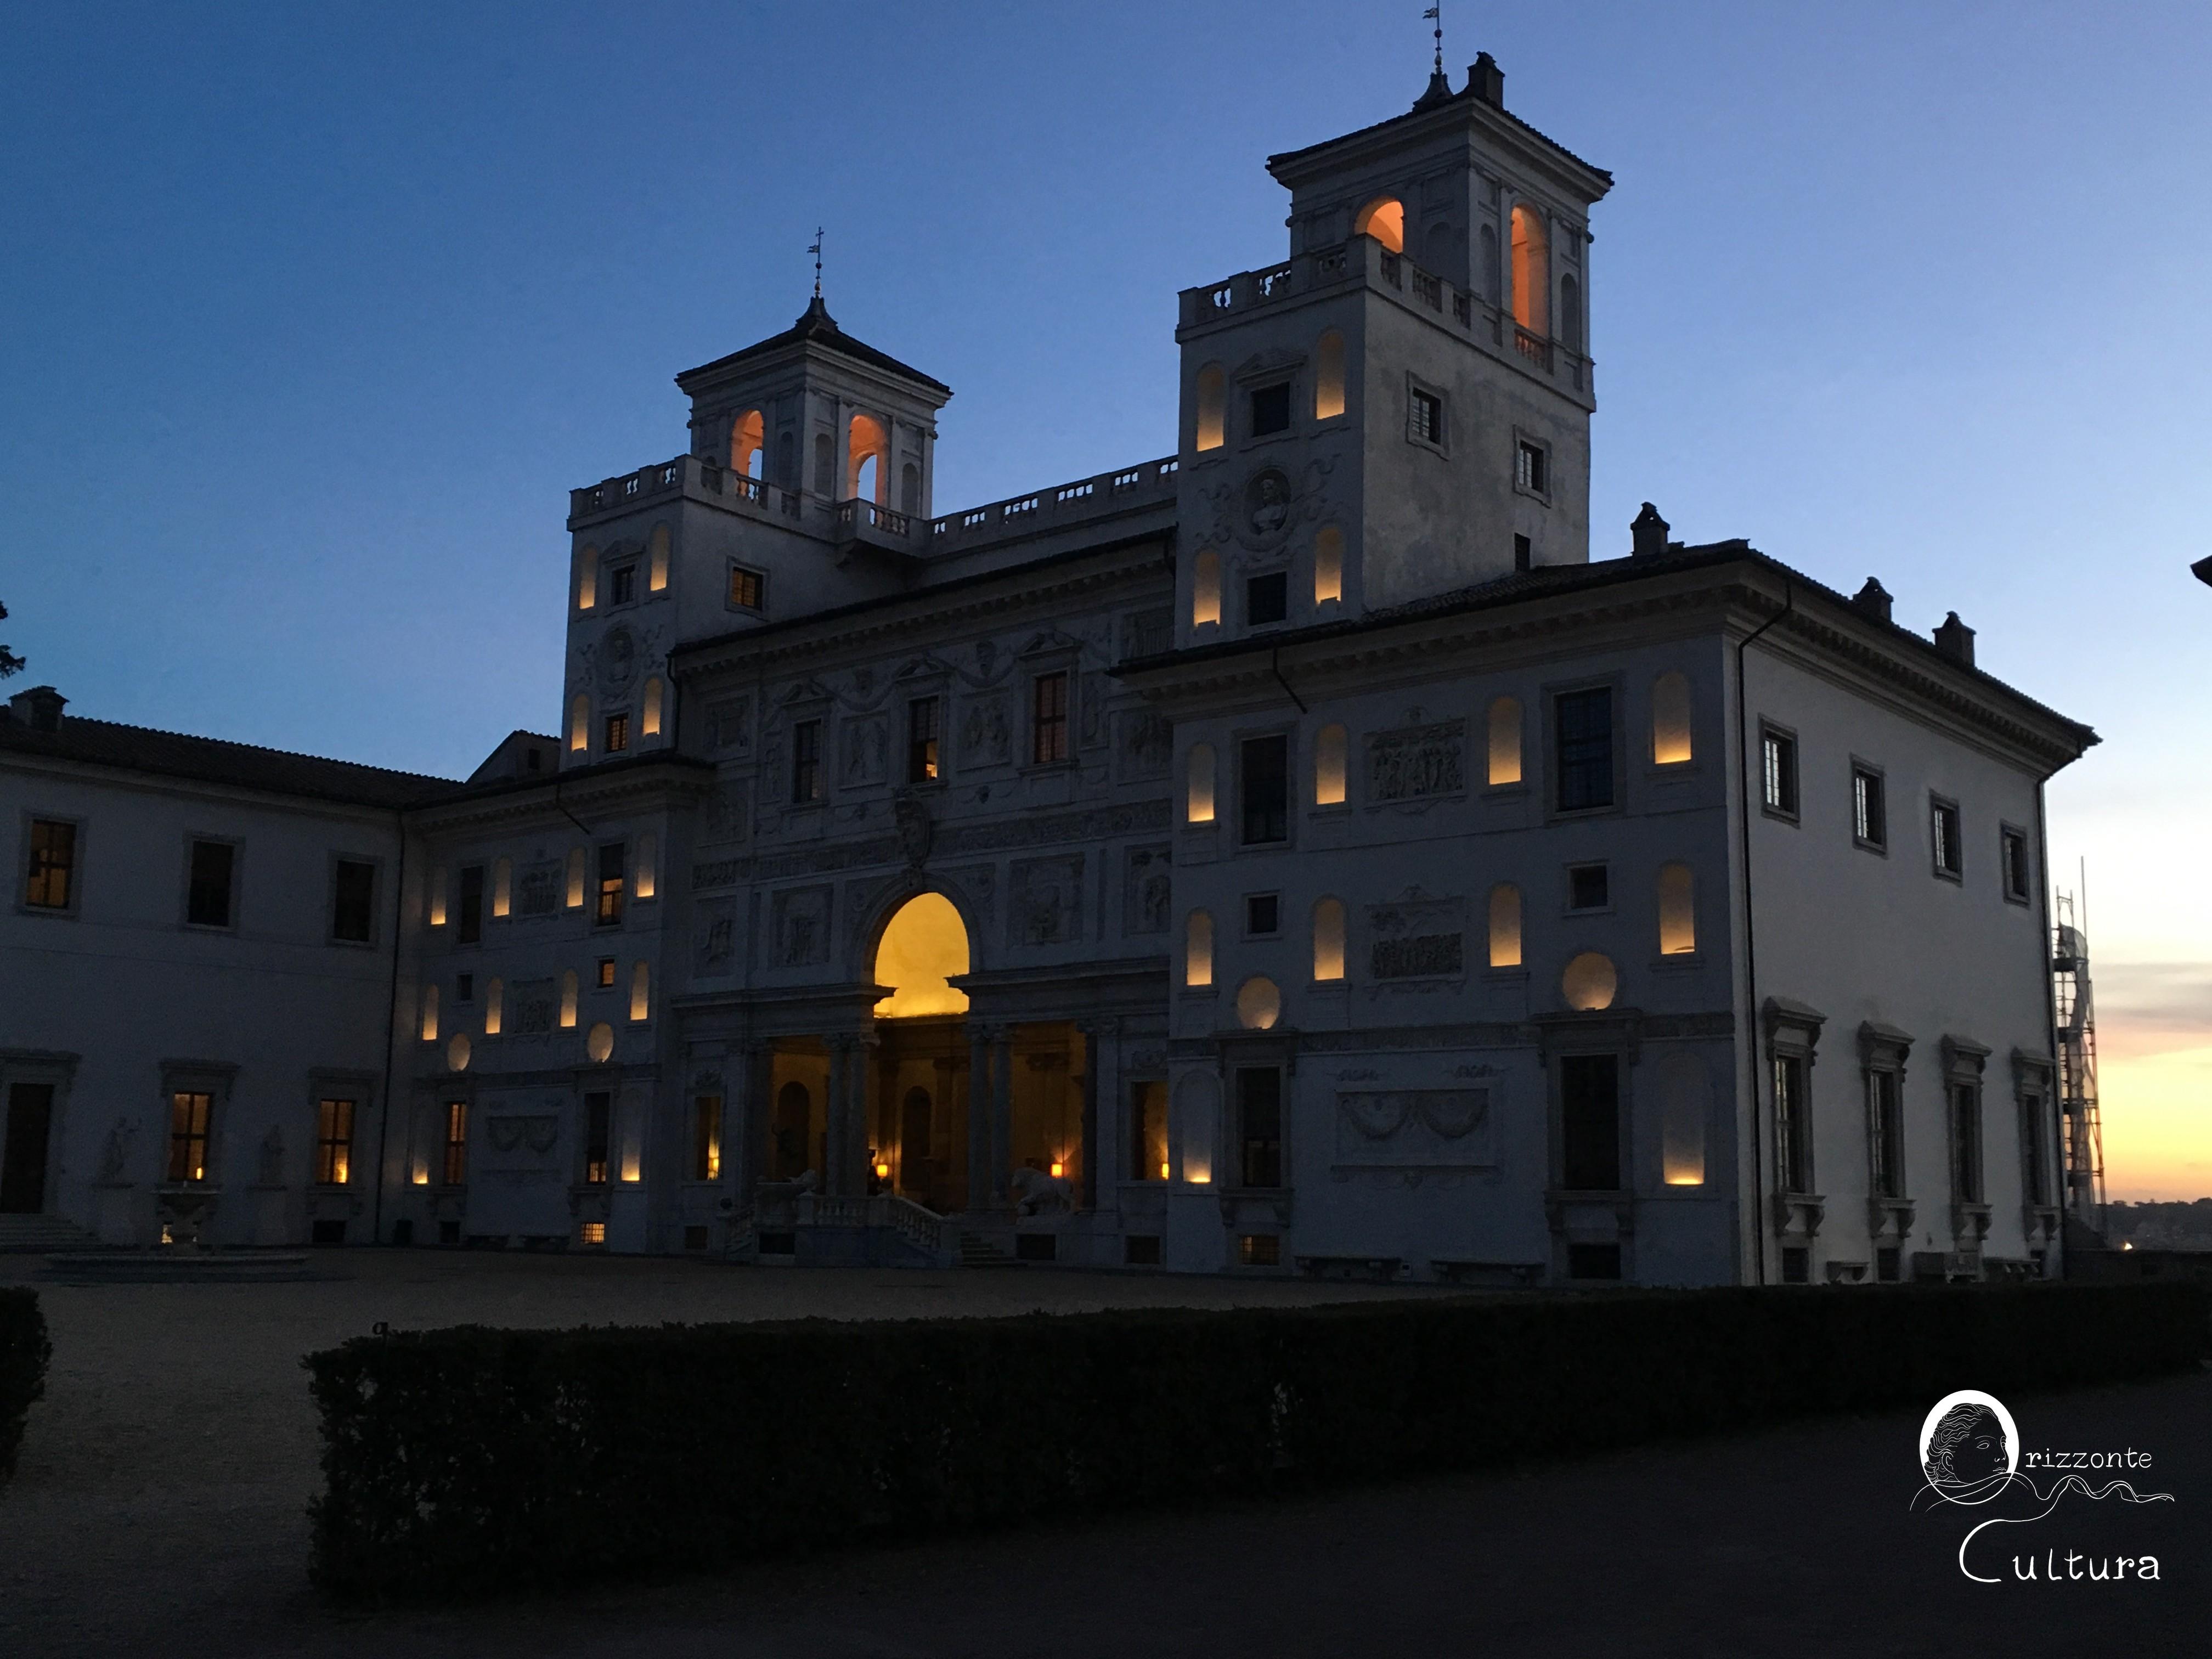 Accademia di Francia Villa Medici - Orizzonte Cultura